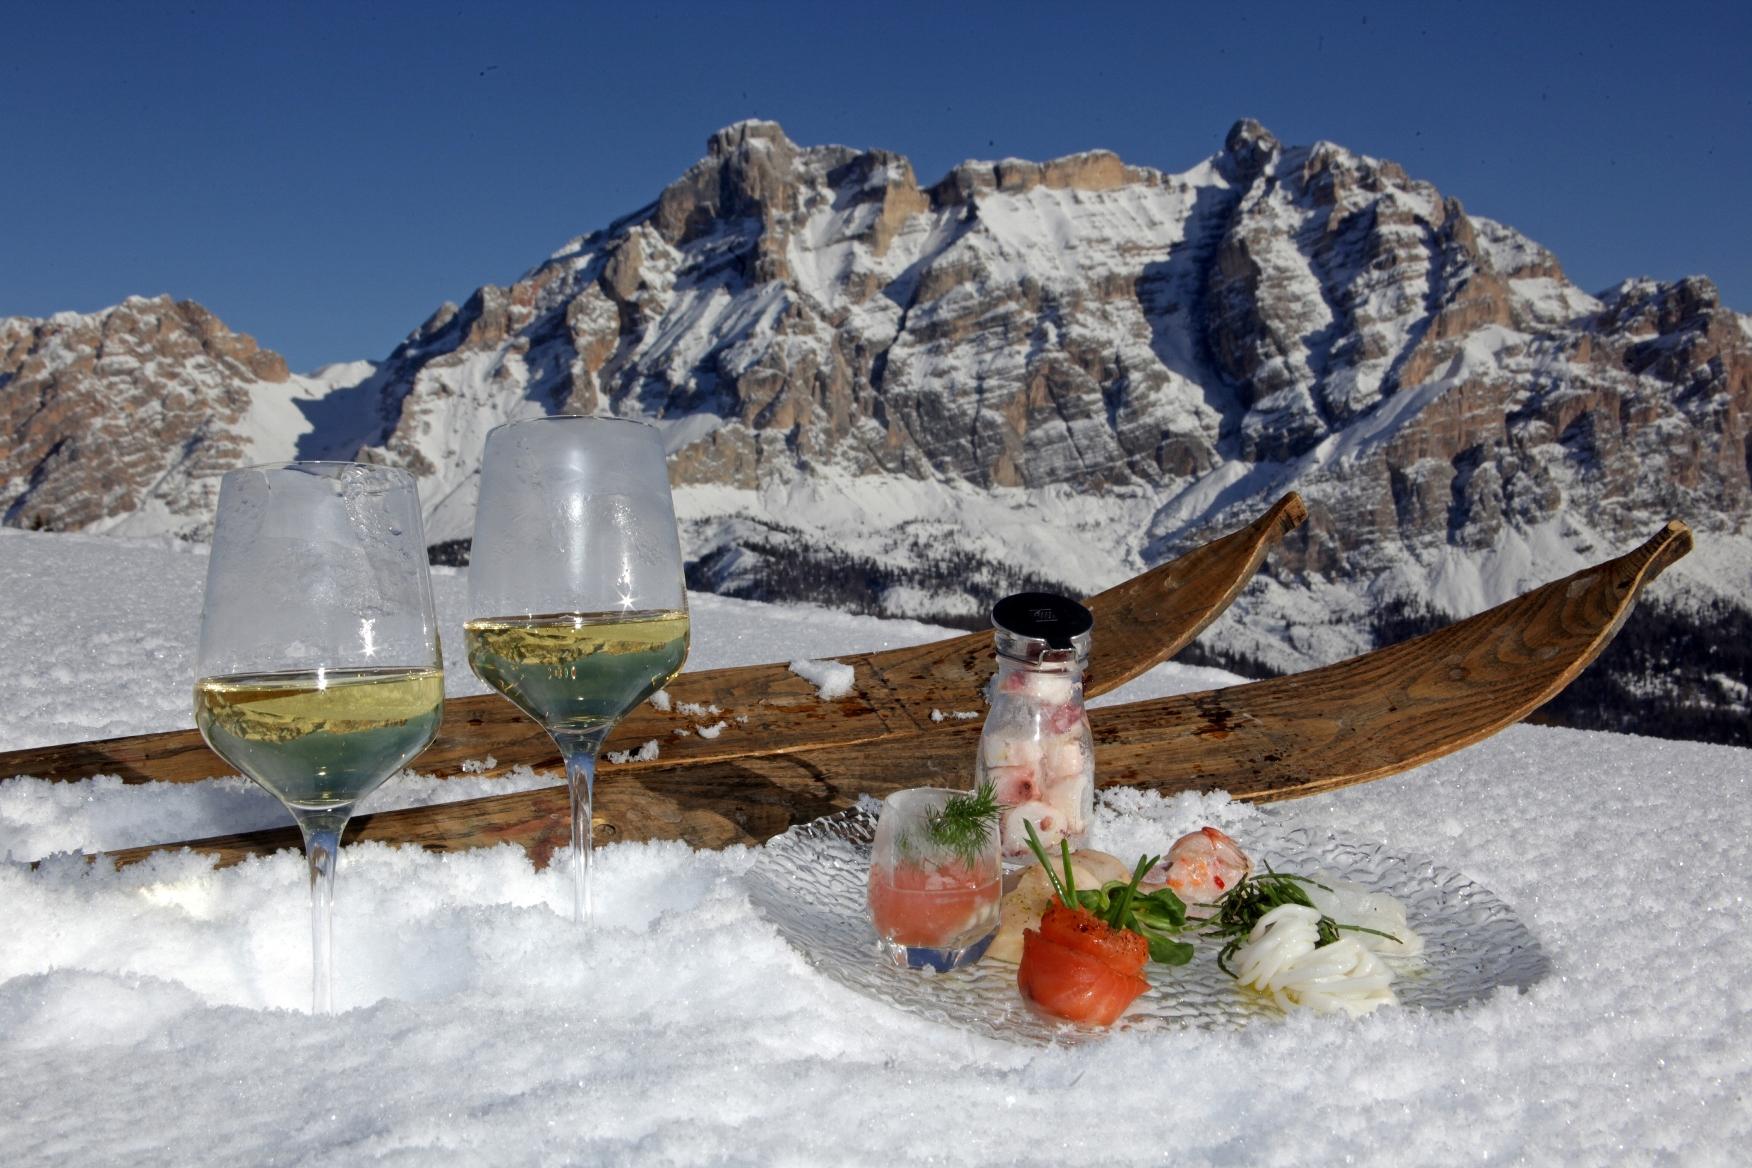 Sciare con gusto sulle nevi dell'Alta Badia